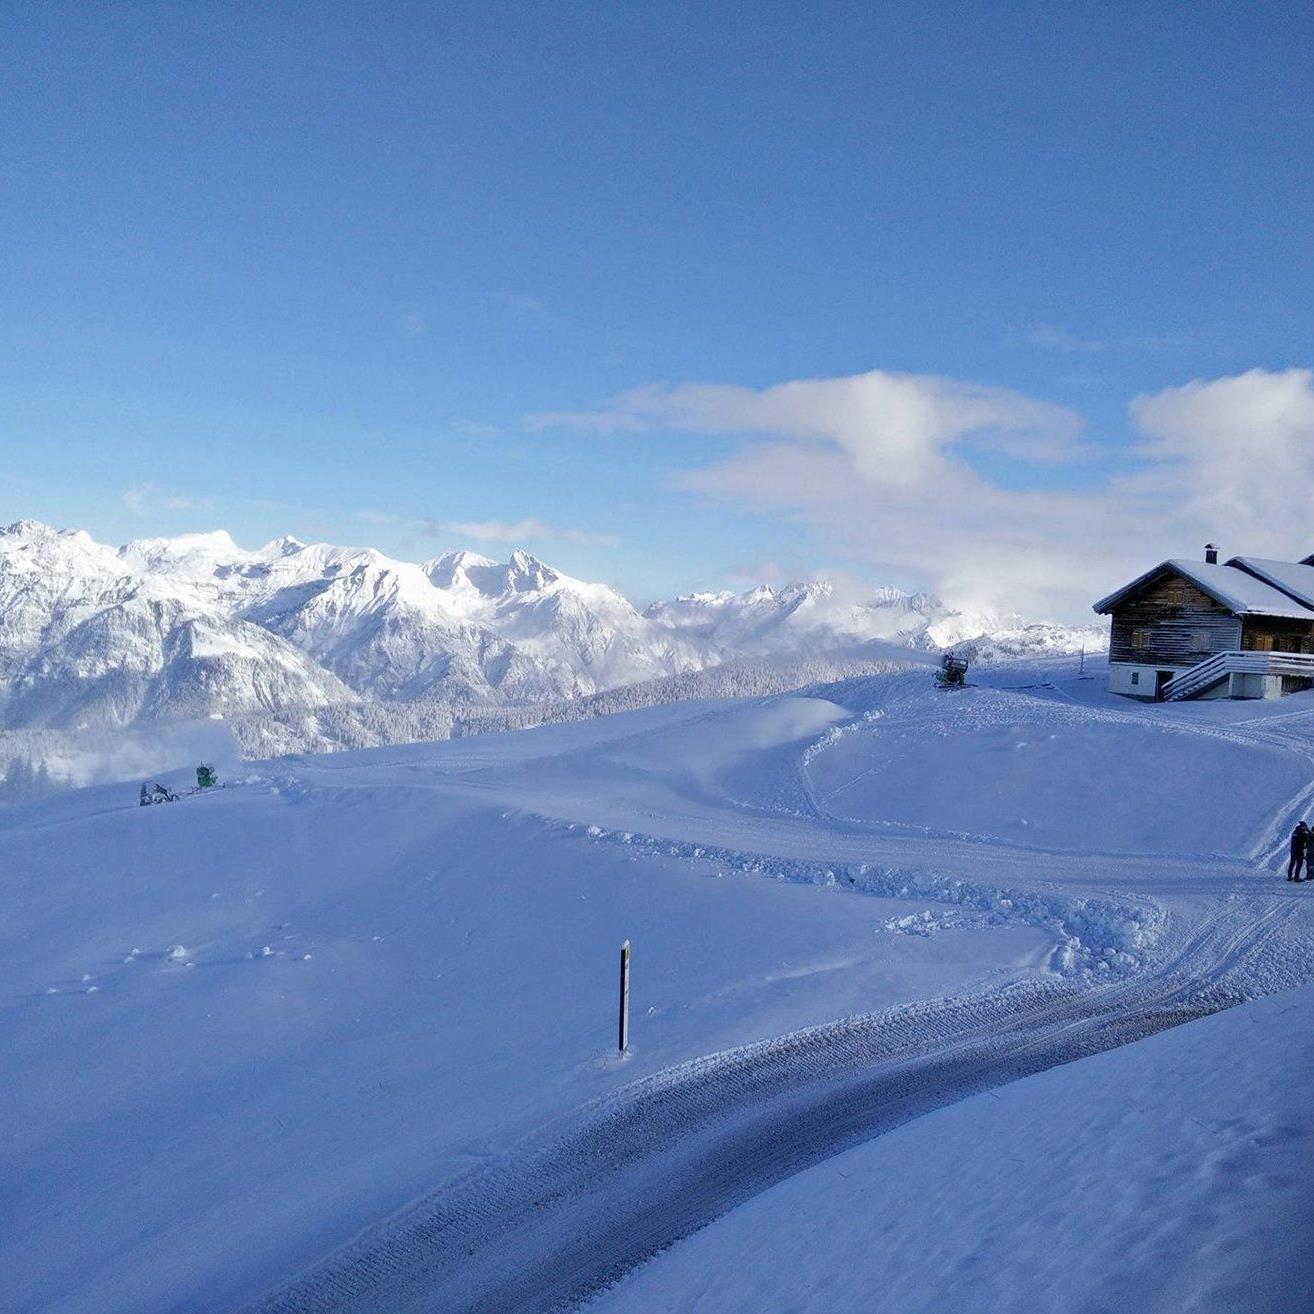 Blick auf die heutige Schneekontrolle: Schon ab dem vorgezogenen Saisonstart herrschen auf der Hochjoch-Seite der Silvretta Montafon ausgezeichnete Pistenbedingungen.